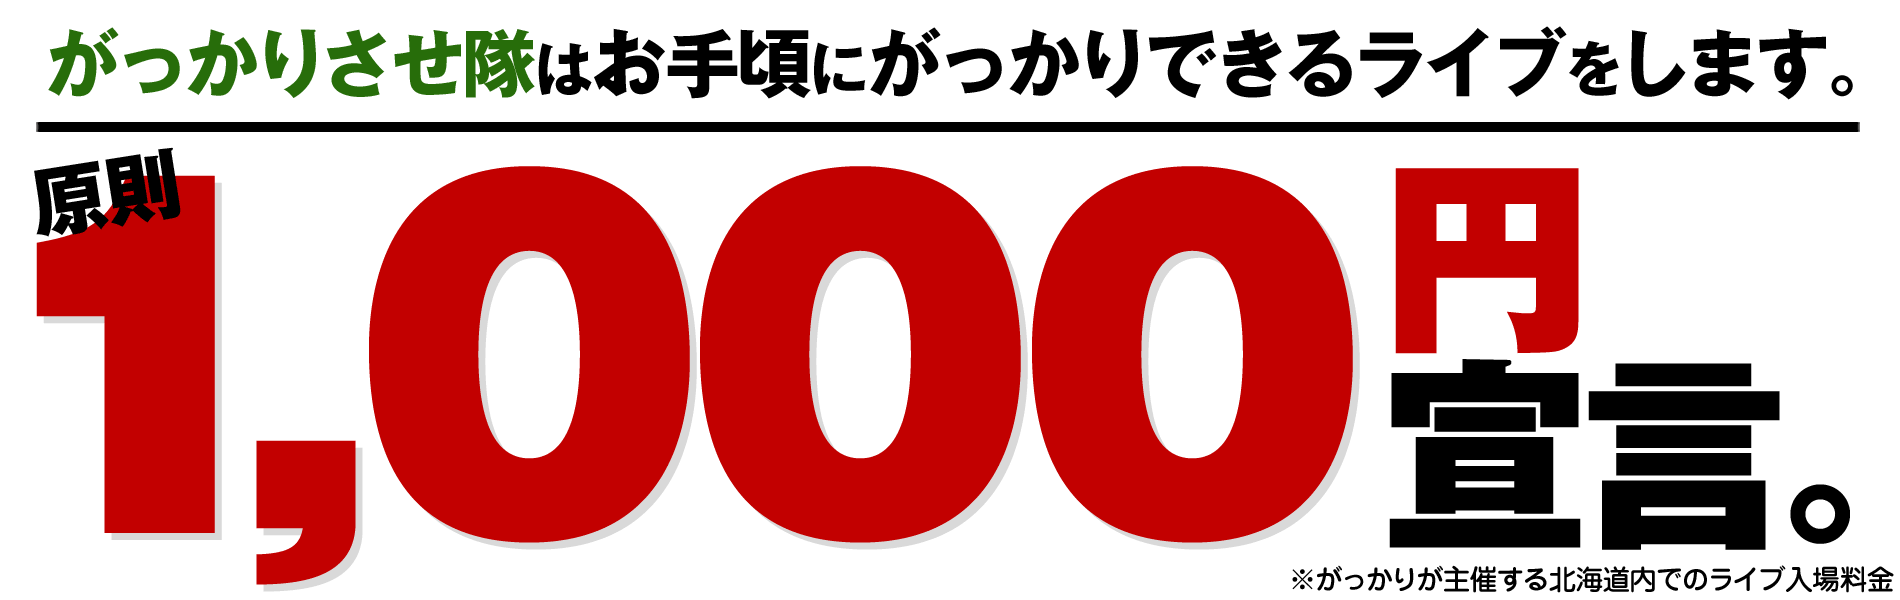 がっかりさせ隊は原則1,000円。